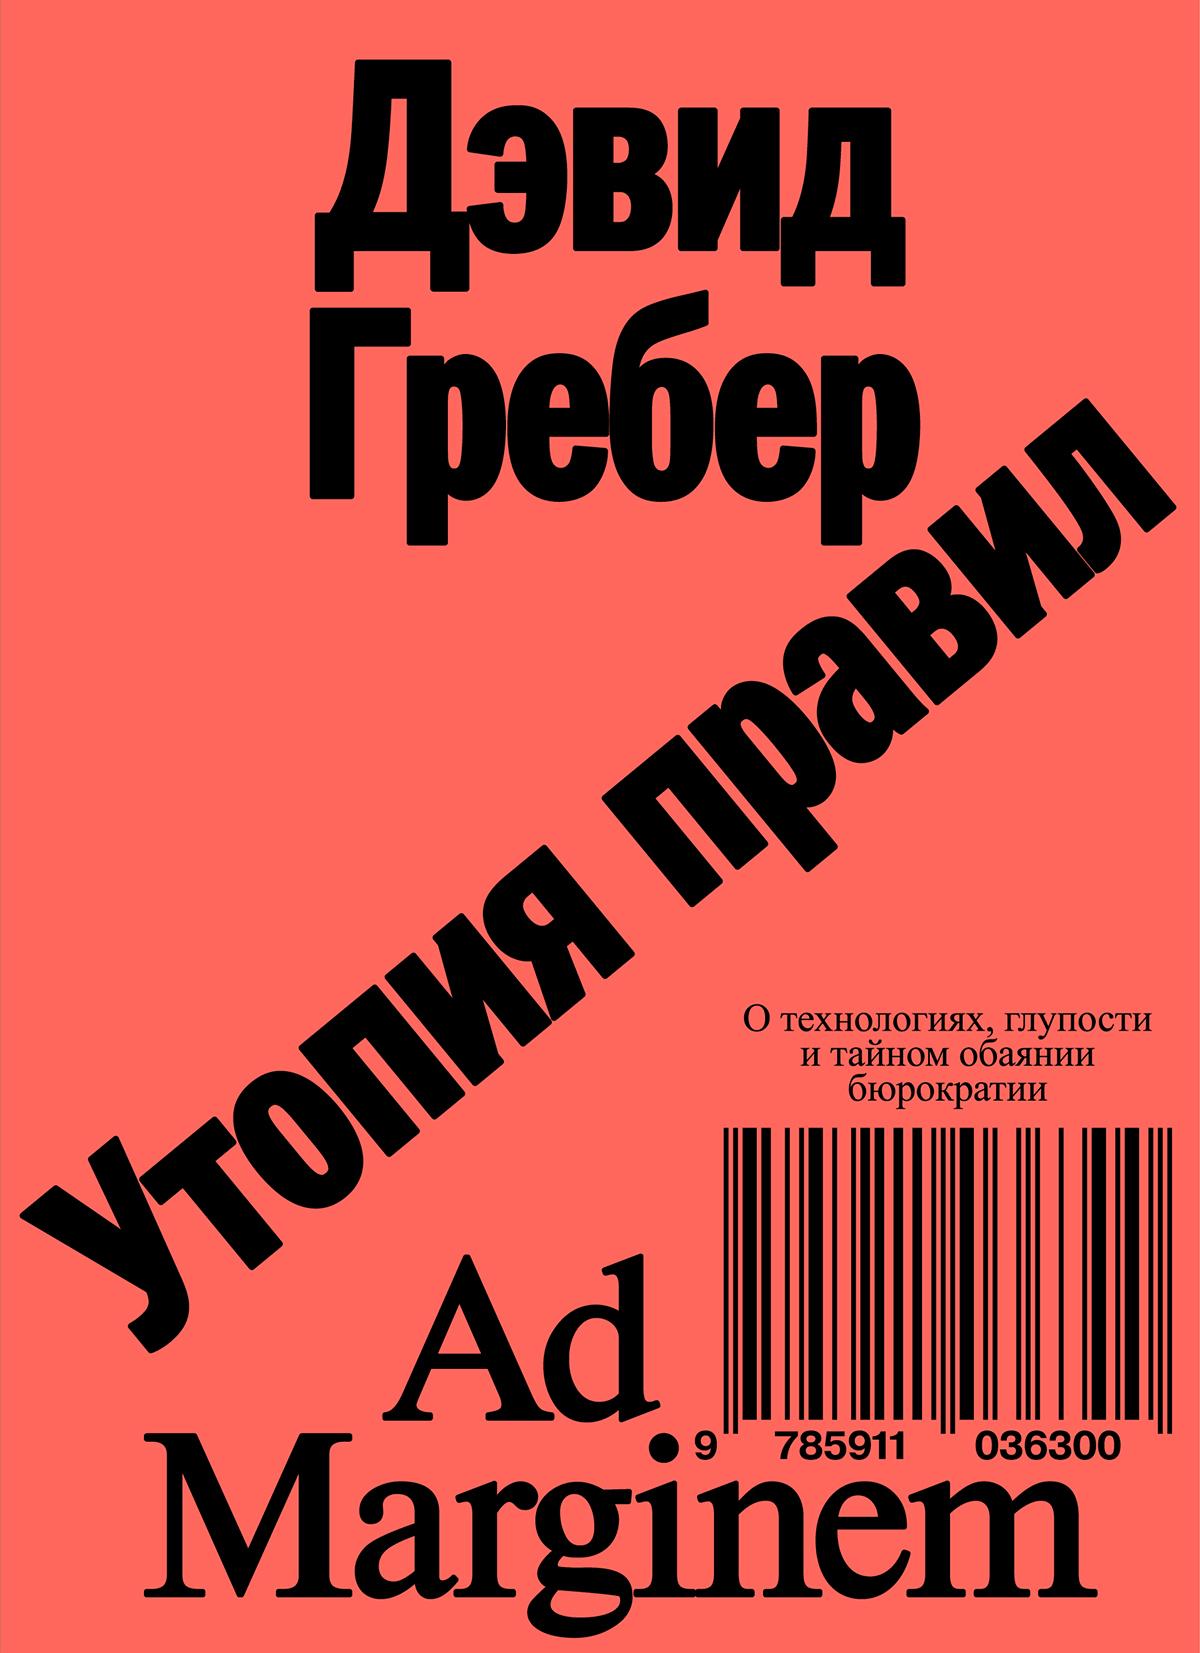 Дэвид Гребер Утопия правил. О технологиях, глупости и тайном обаянии бюрократии кто мы анатомия русской бюрократии